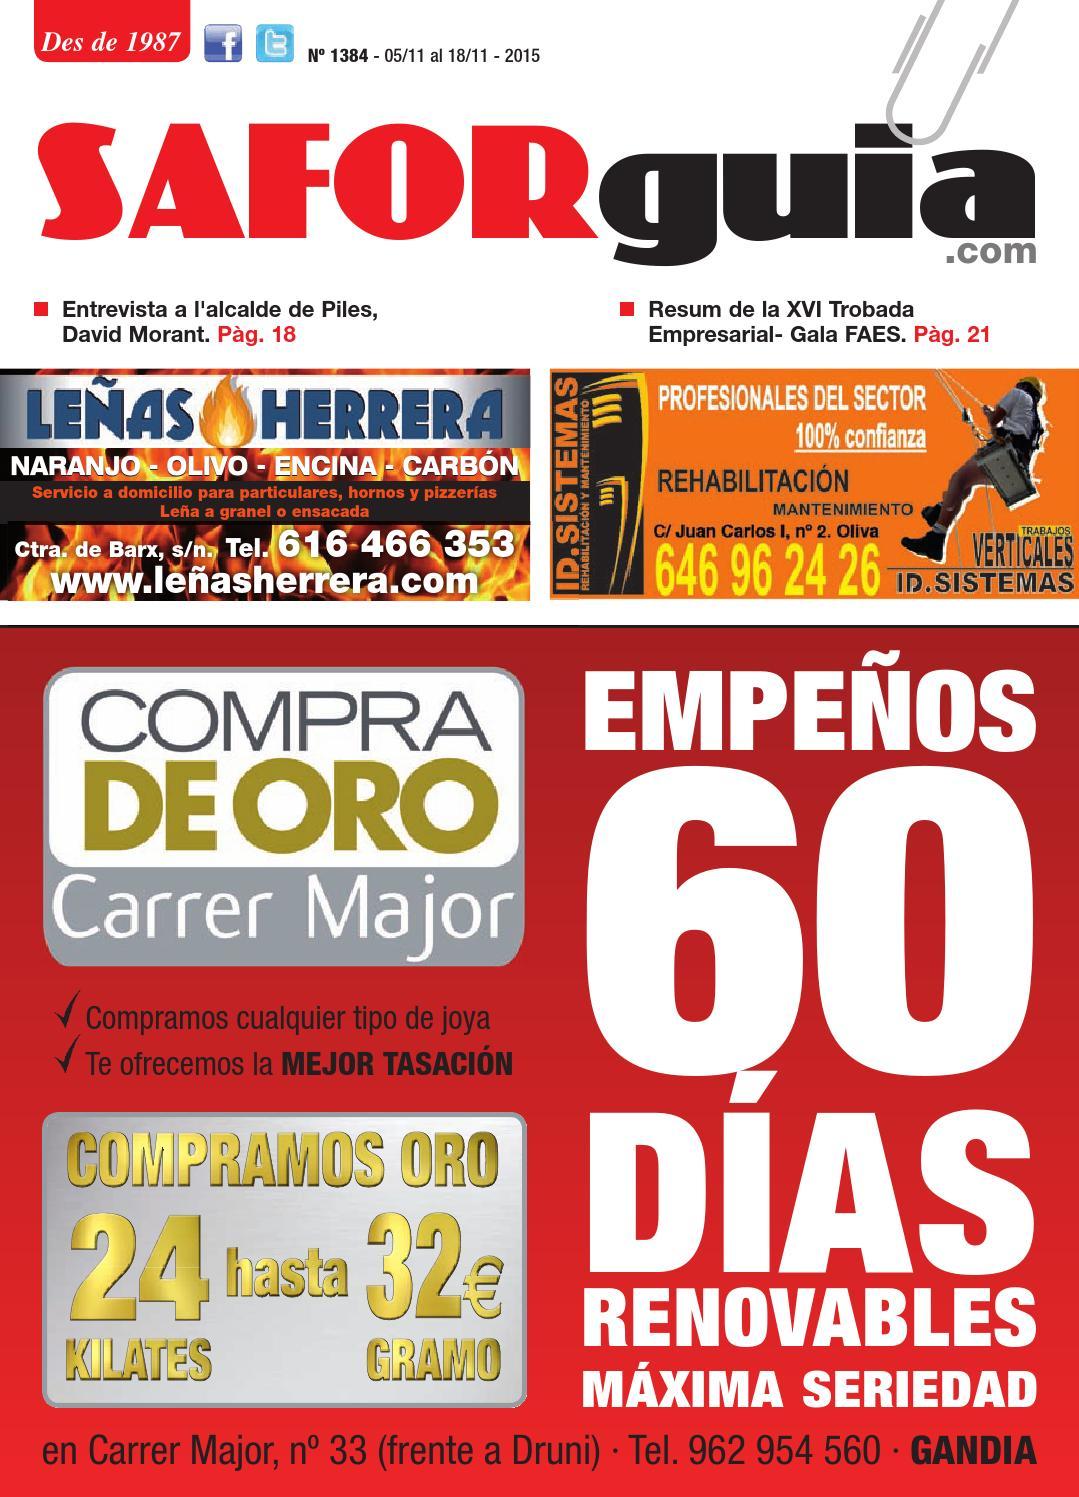 Publicaci N Del 5 Al 18 De Noviembre De 2015 By Saforguia  # Cambalache Gaditano Muebles